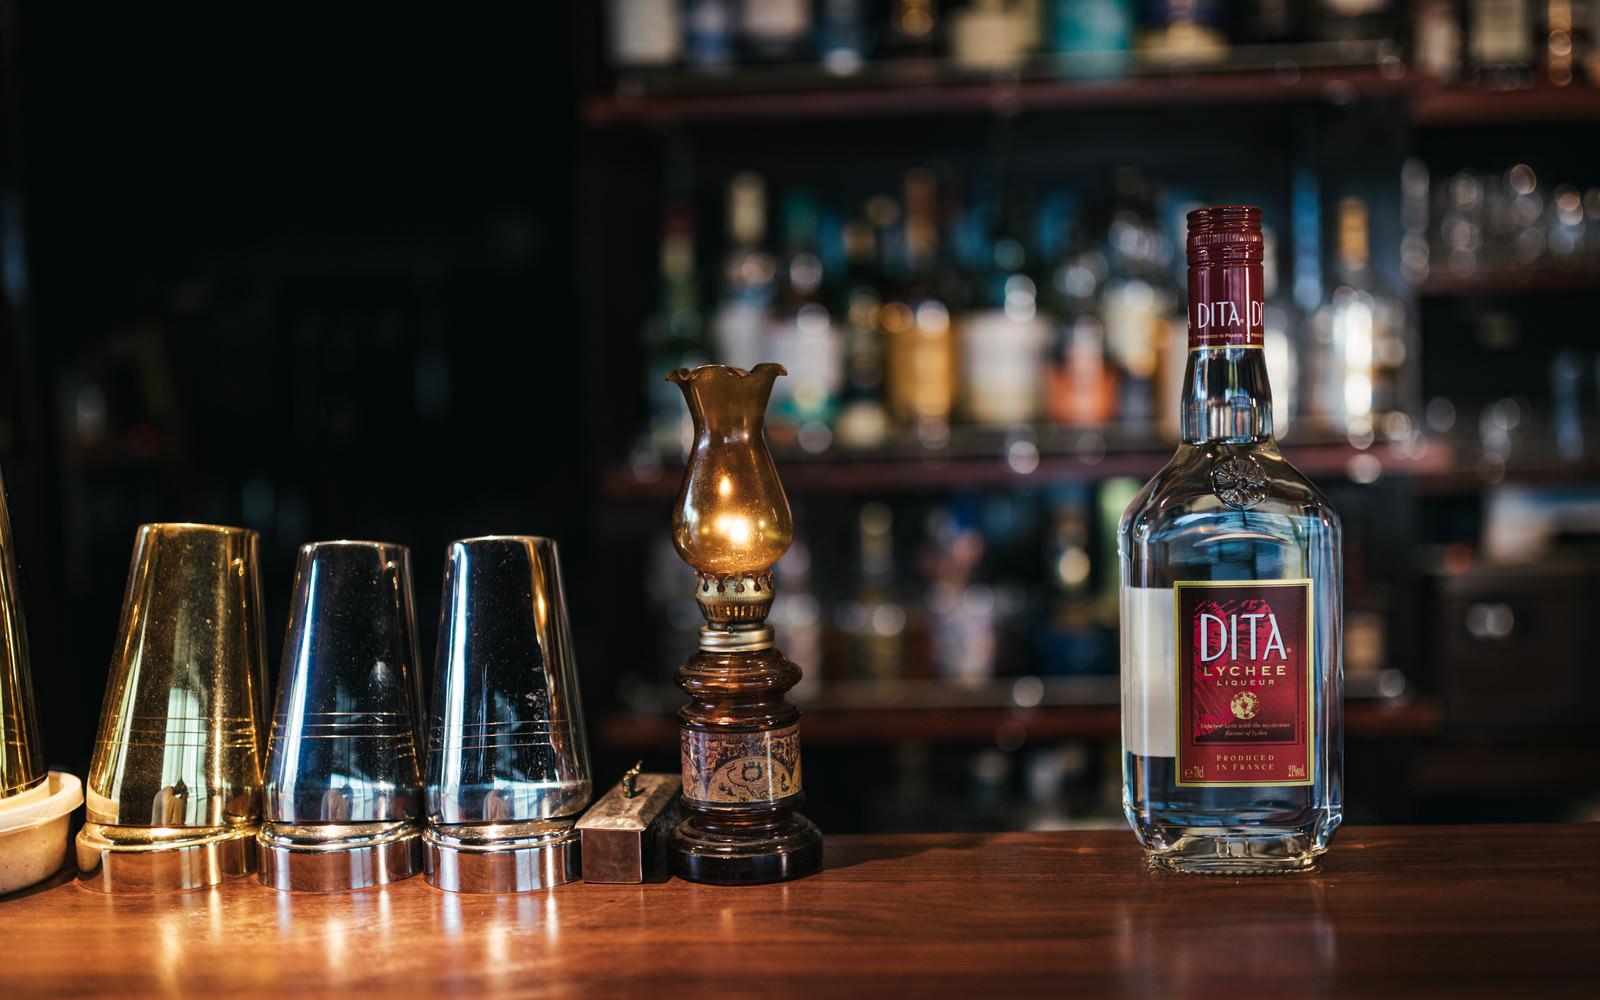 「バーカクテルの定番ライチのリキュール、ディタのボトルとバーカウンター」の写真